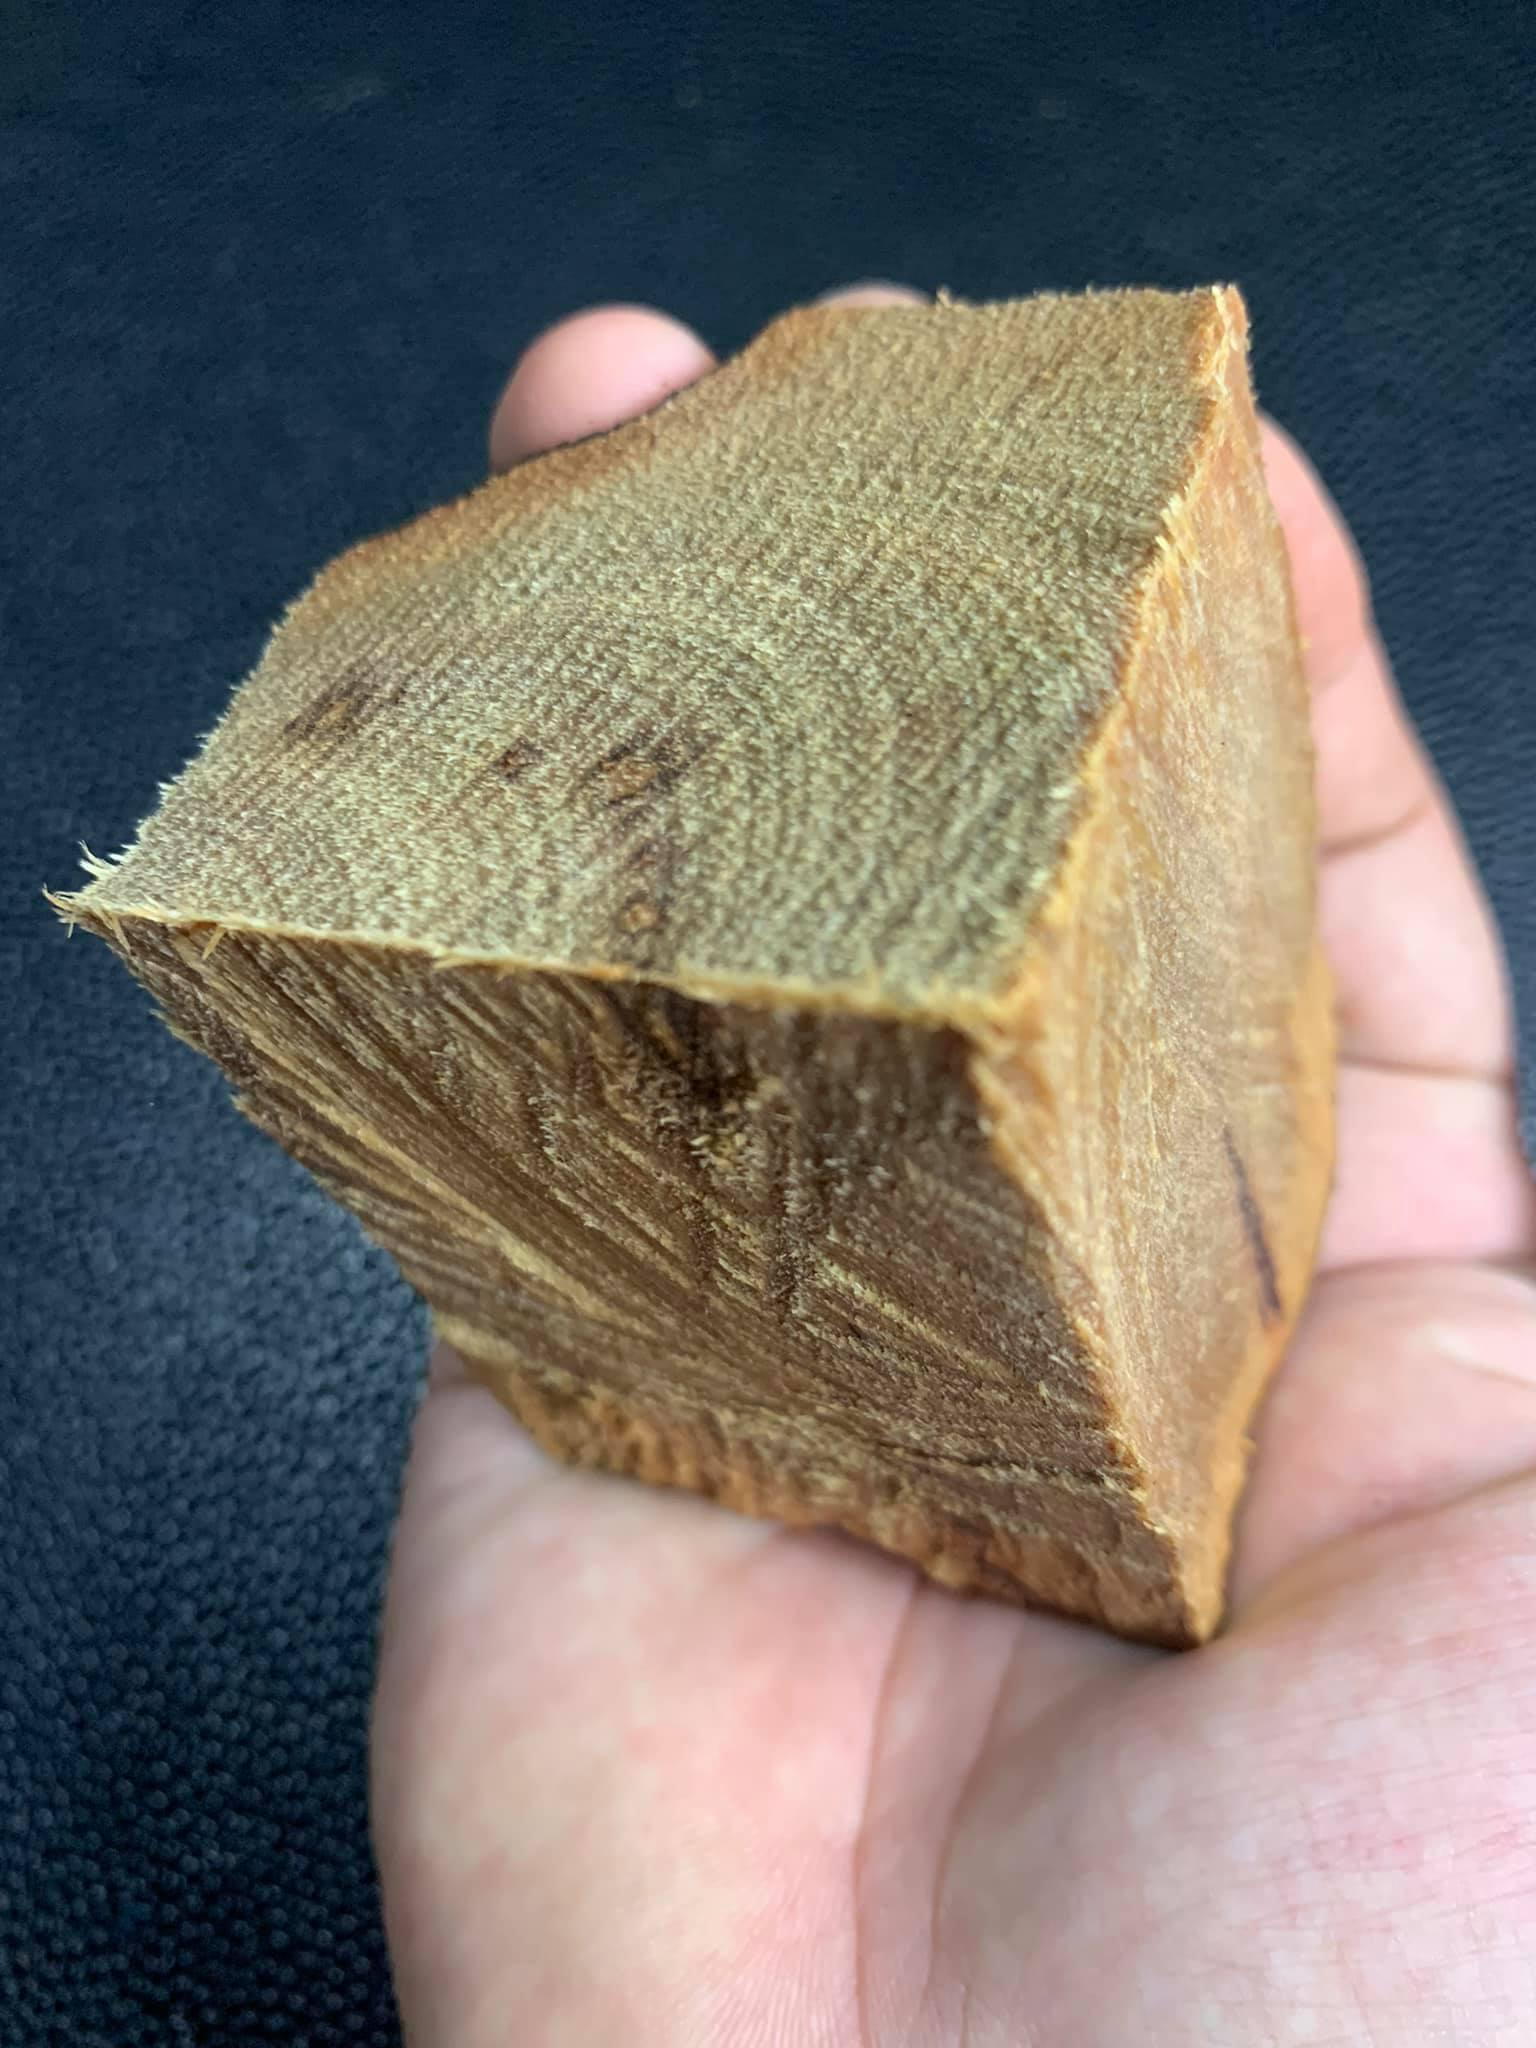 Cục gỗ xá xị